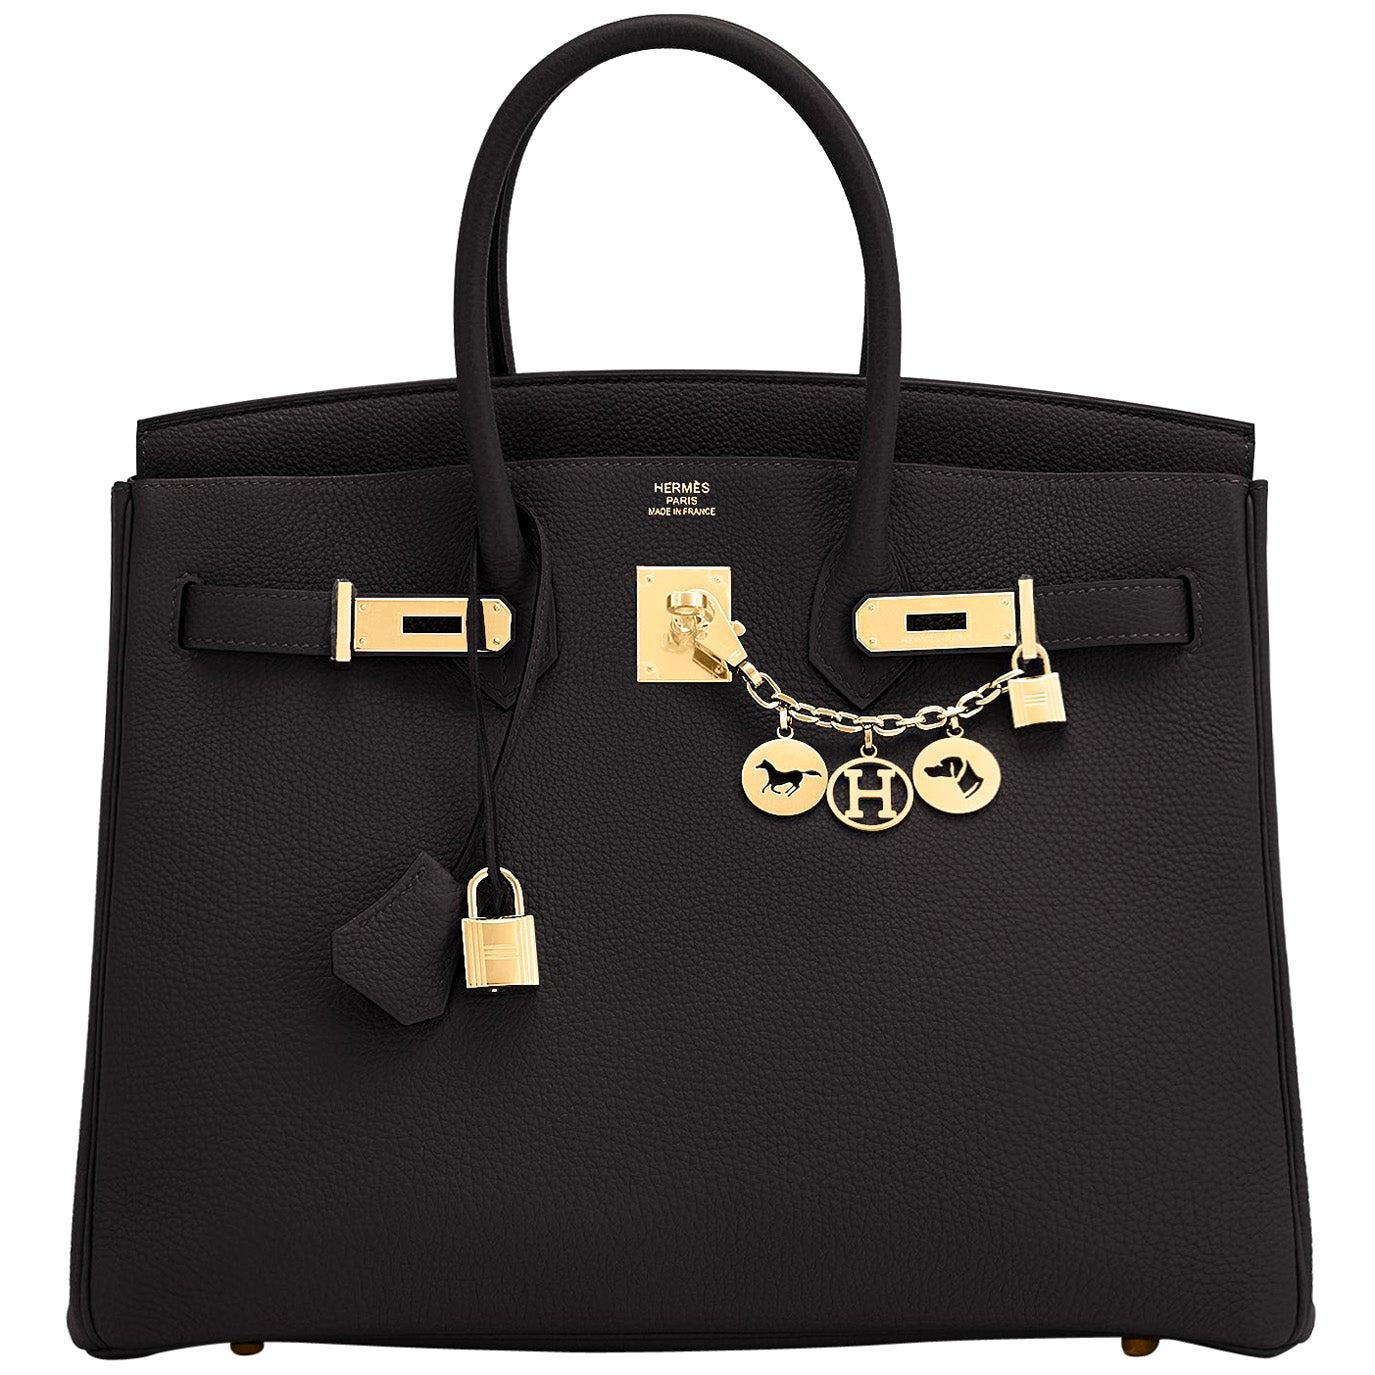 Hermes Birkin 35cm Black Togo Gold Hardware Bag Y Stamp, 2020